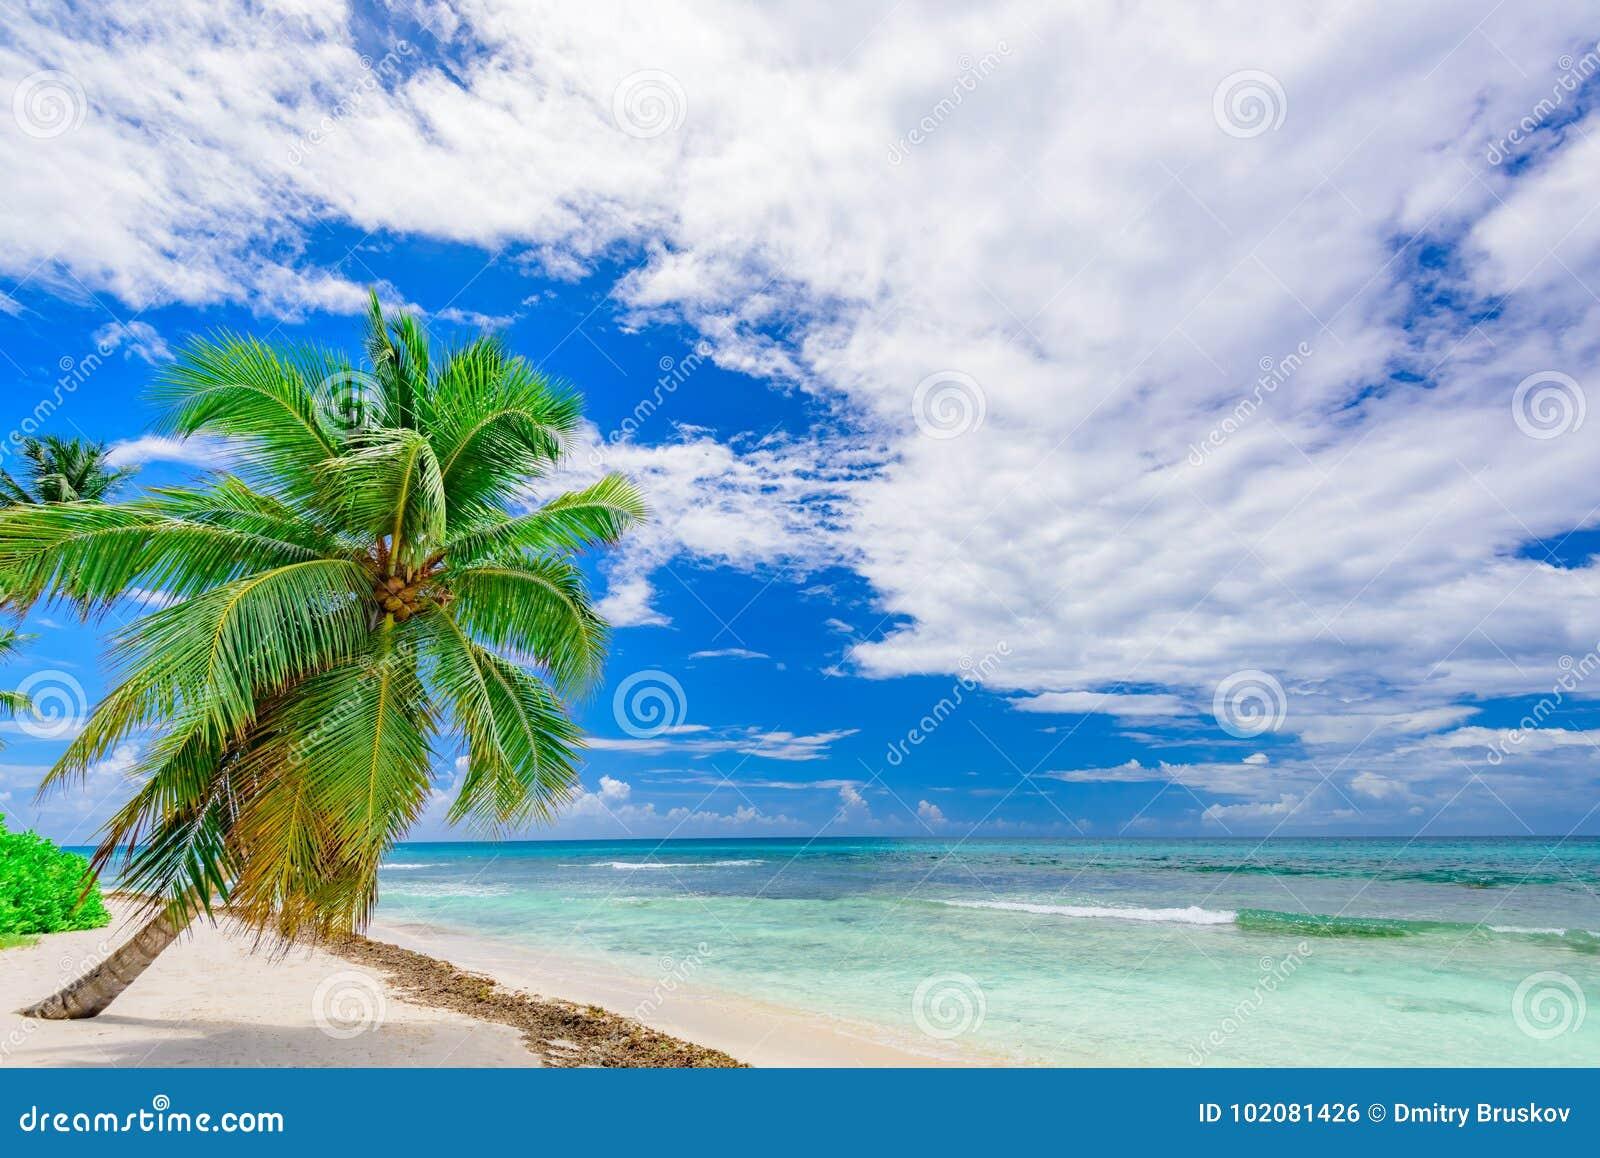 Ладонь пляжа рая тропическая карибское море